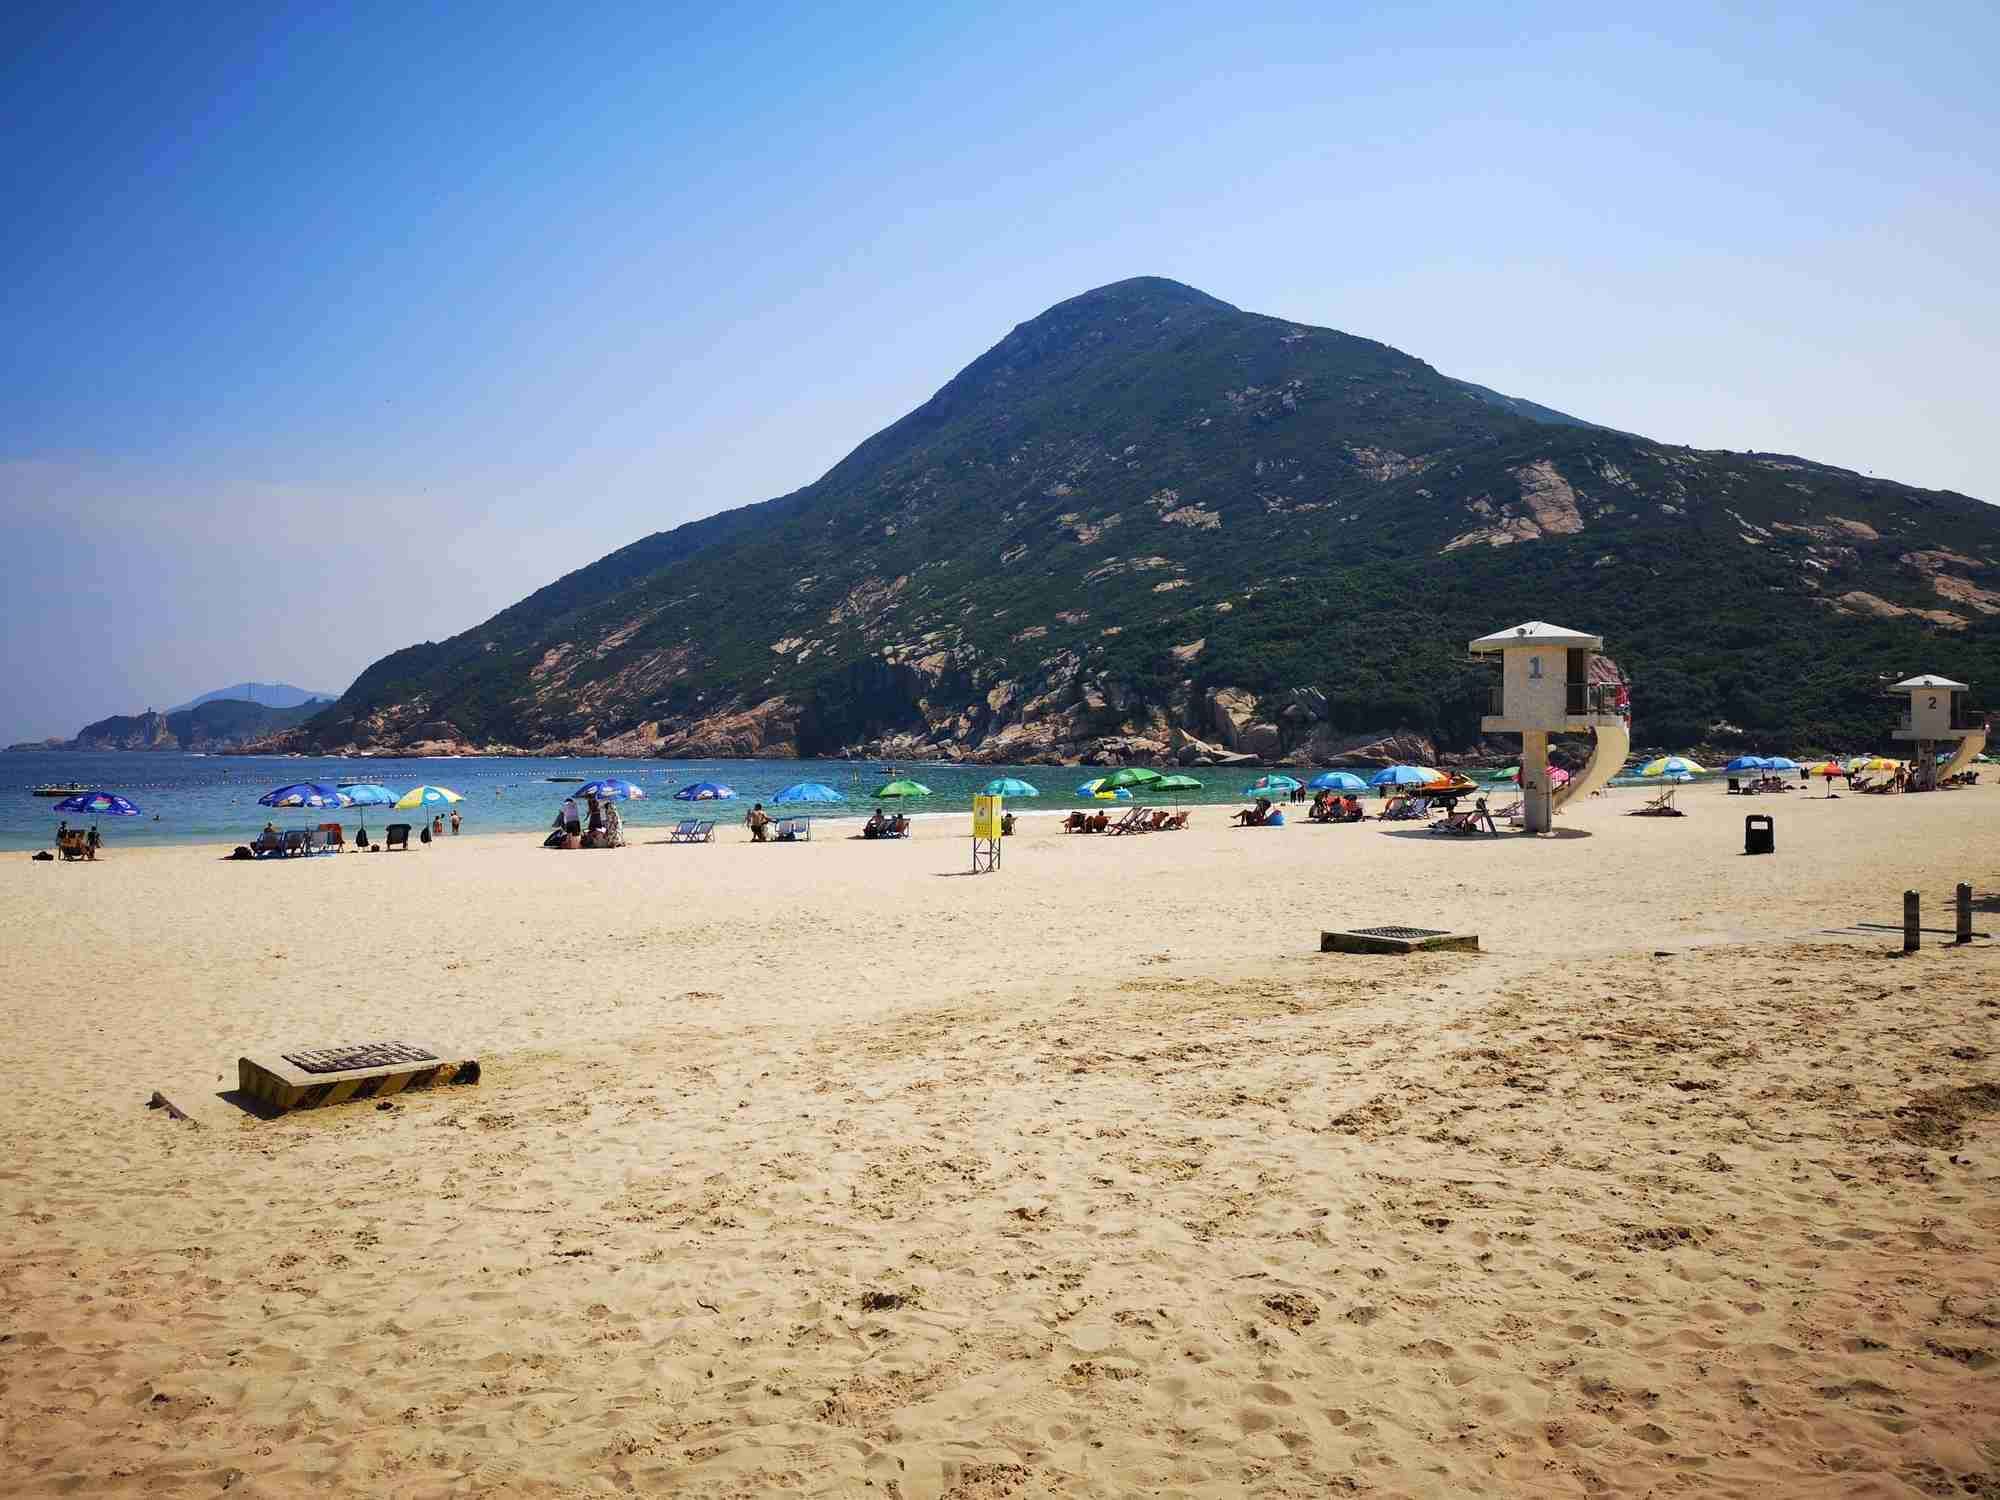 Shek O Beach in Hong Kong